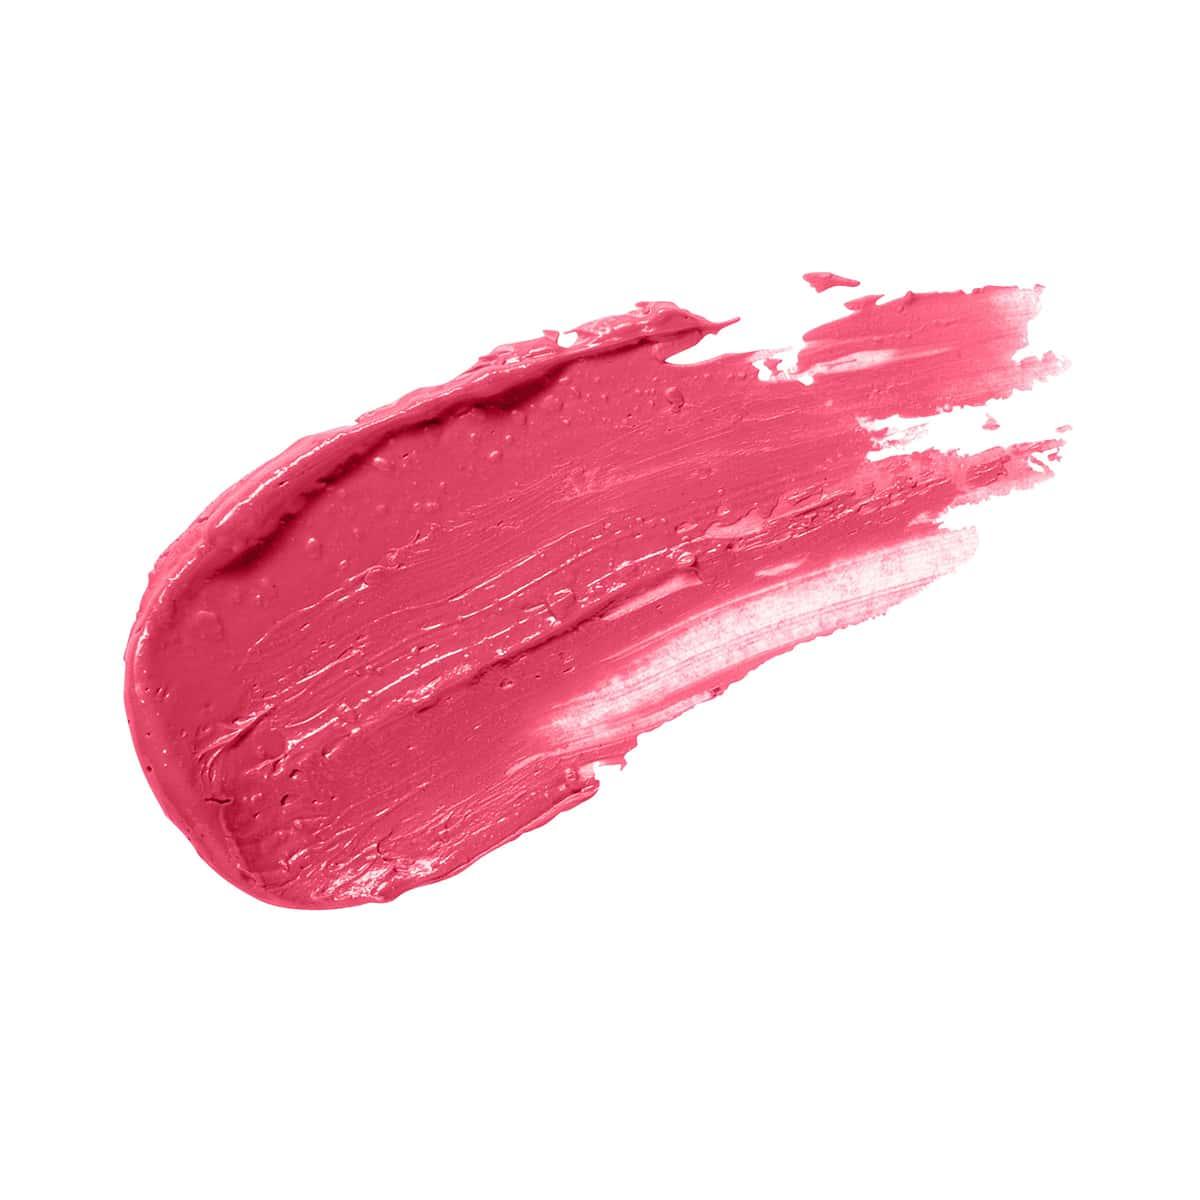 ed8444c1e7 Vine Lipstick In My Bag - Image Of Lipstick Imageri.co